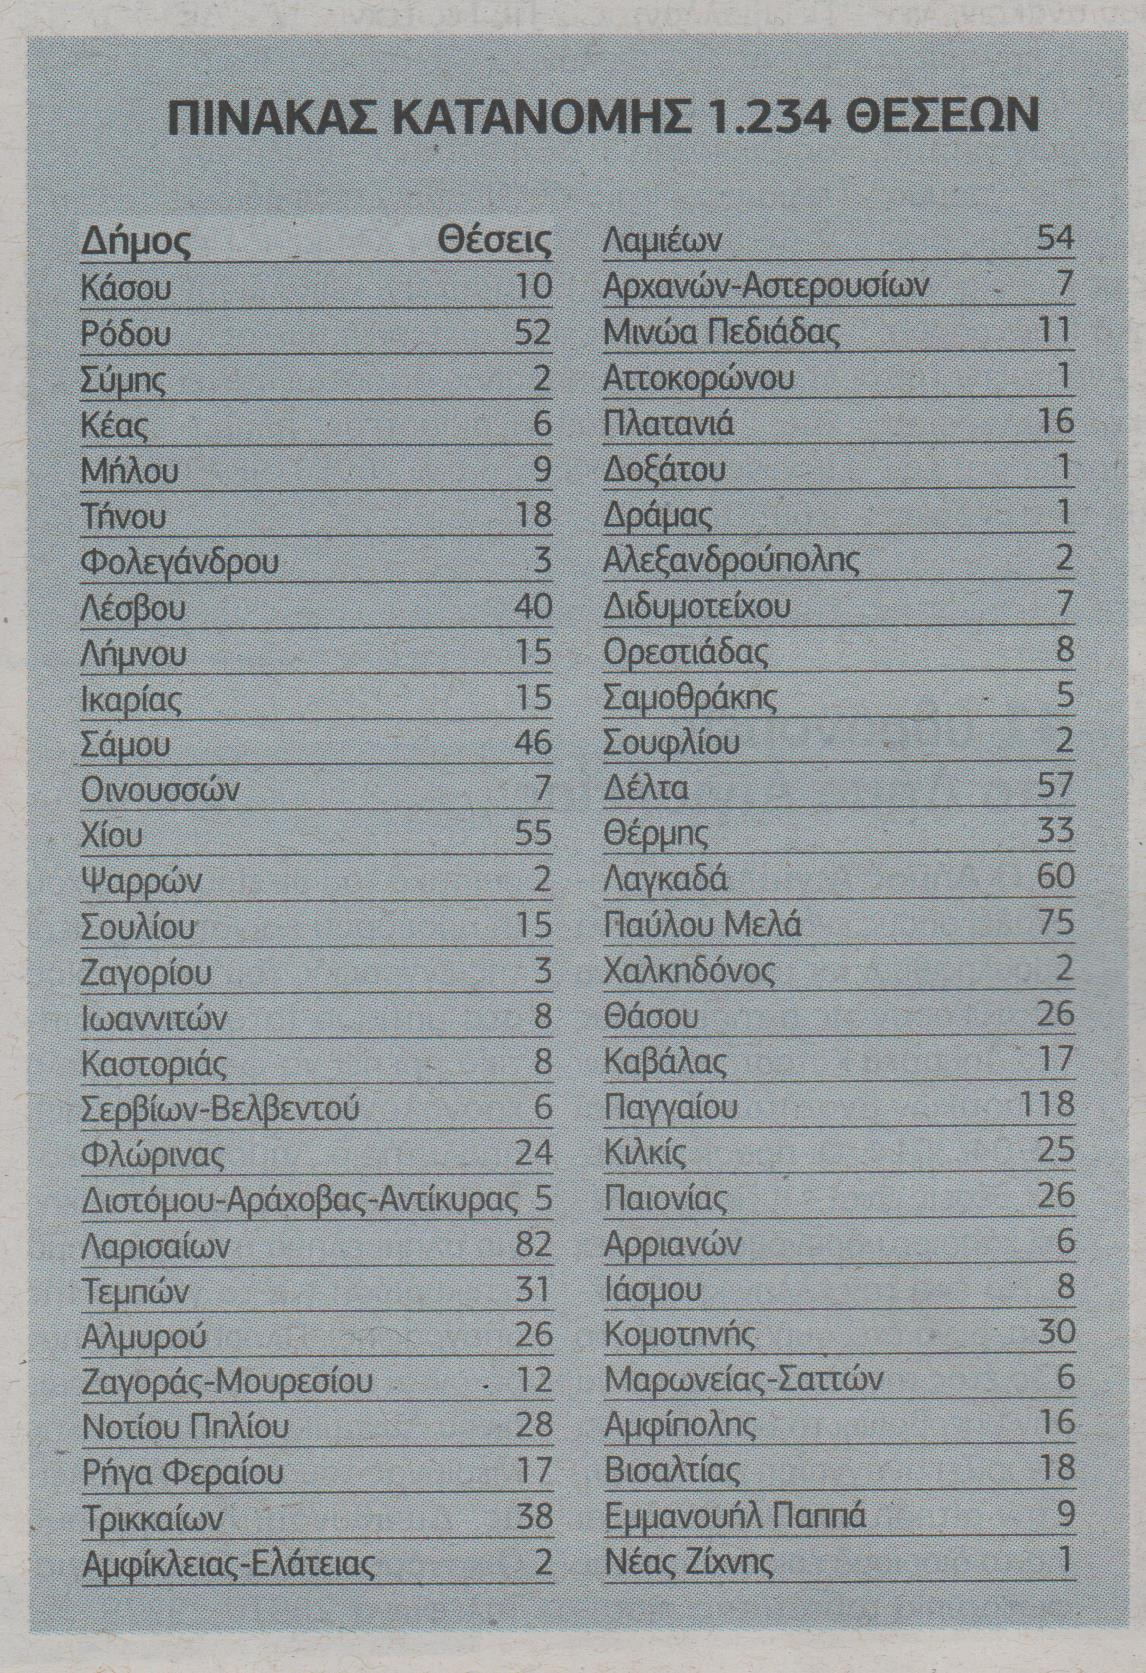 «Πράσινο φως» για προσλήψεις 6.462 εποχικών υπαλλήλων σε δήμους (πίνακες)